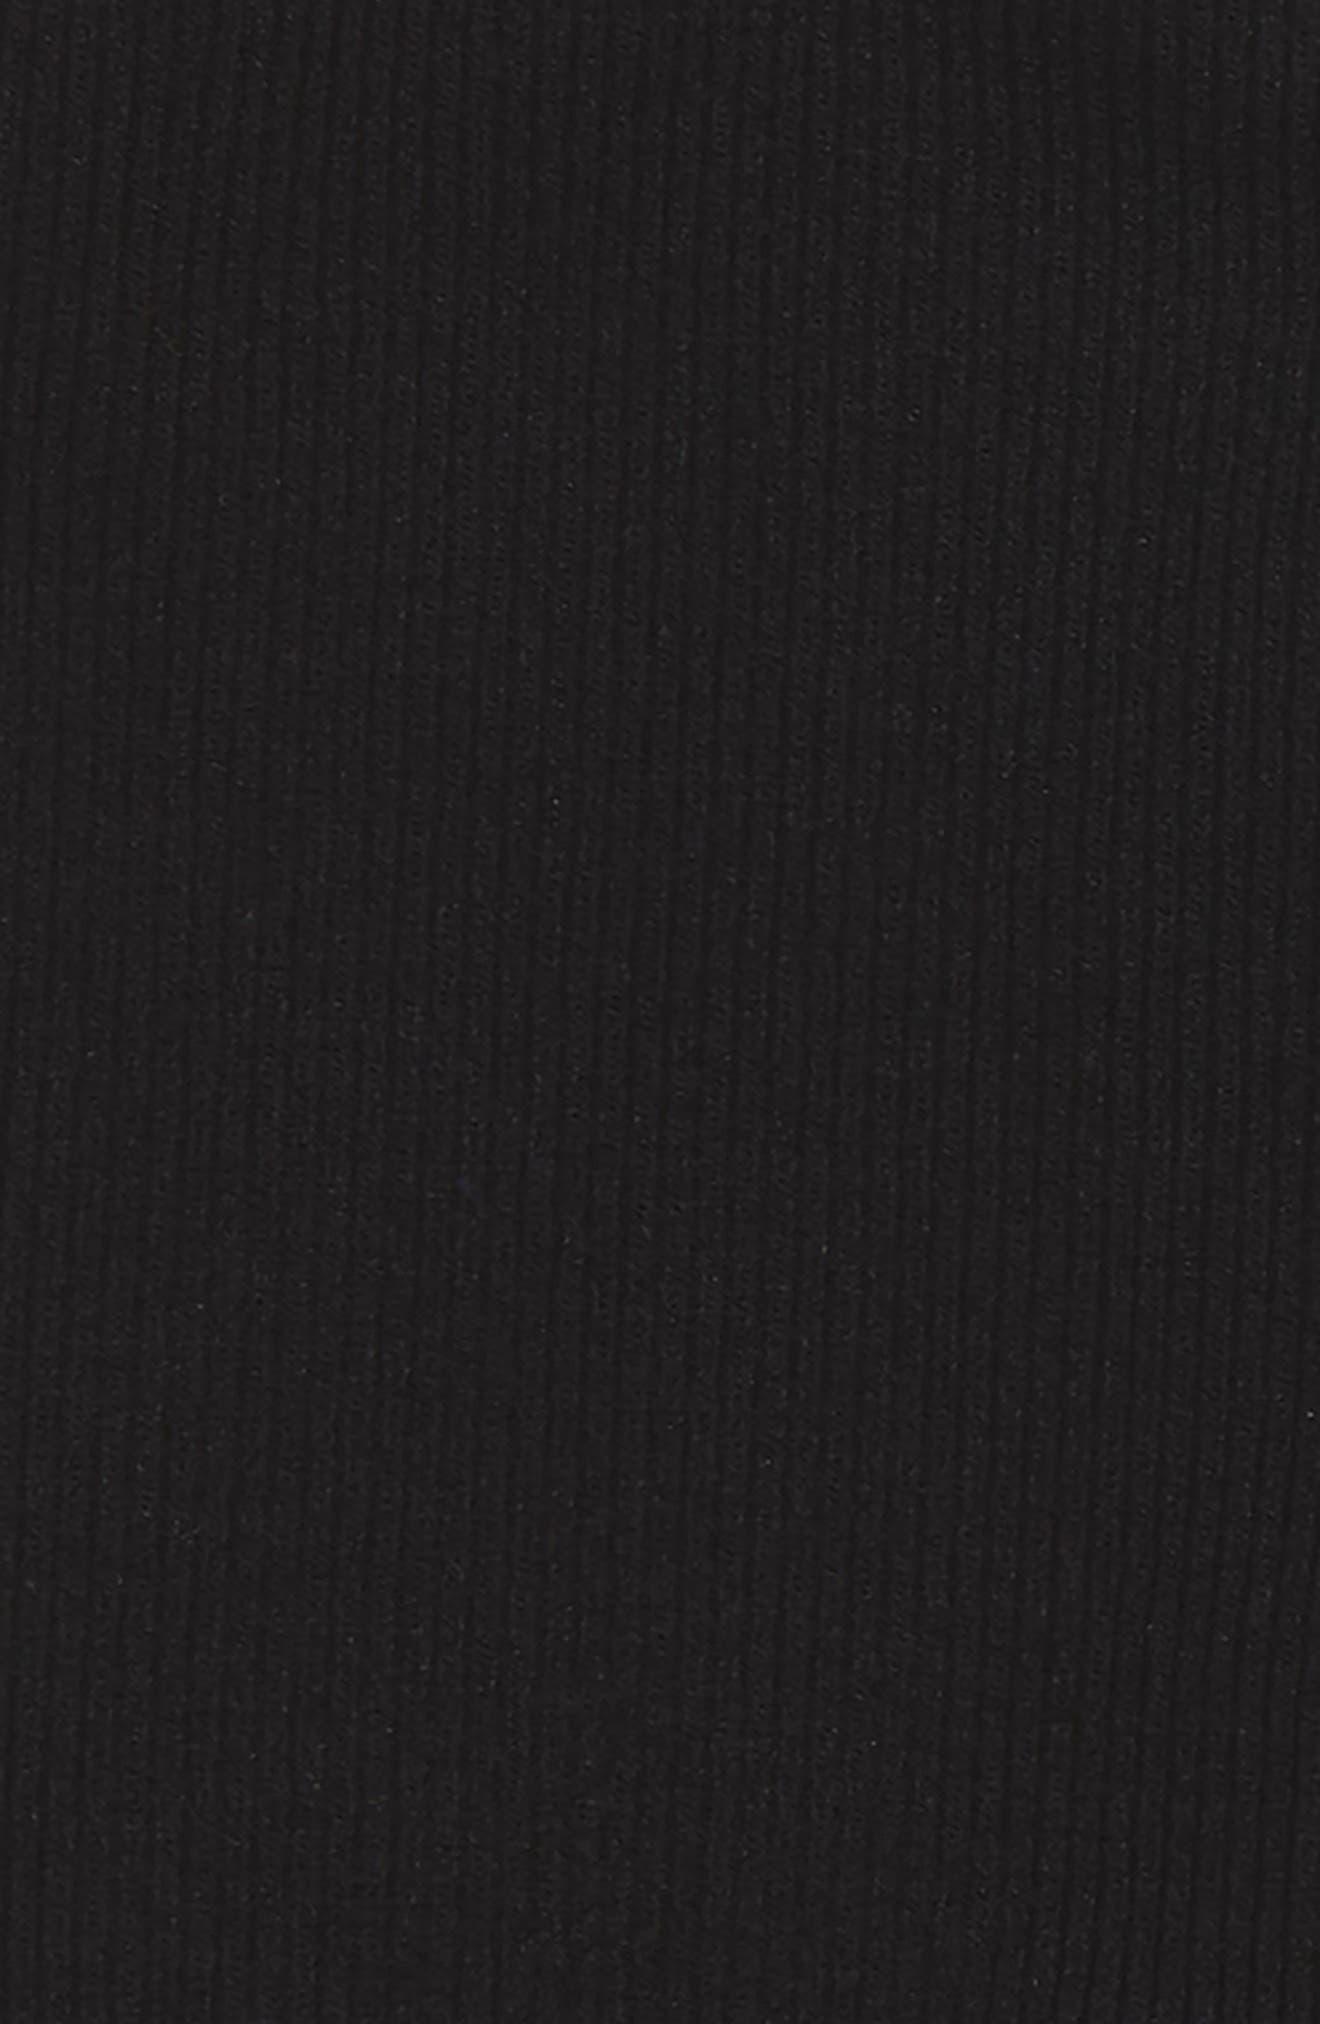 Criss Cross Bandeau Bralette,                         Main,                         color, BLACK